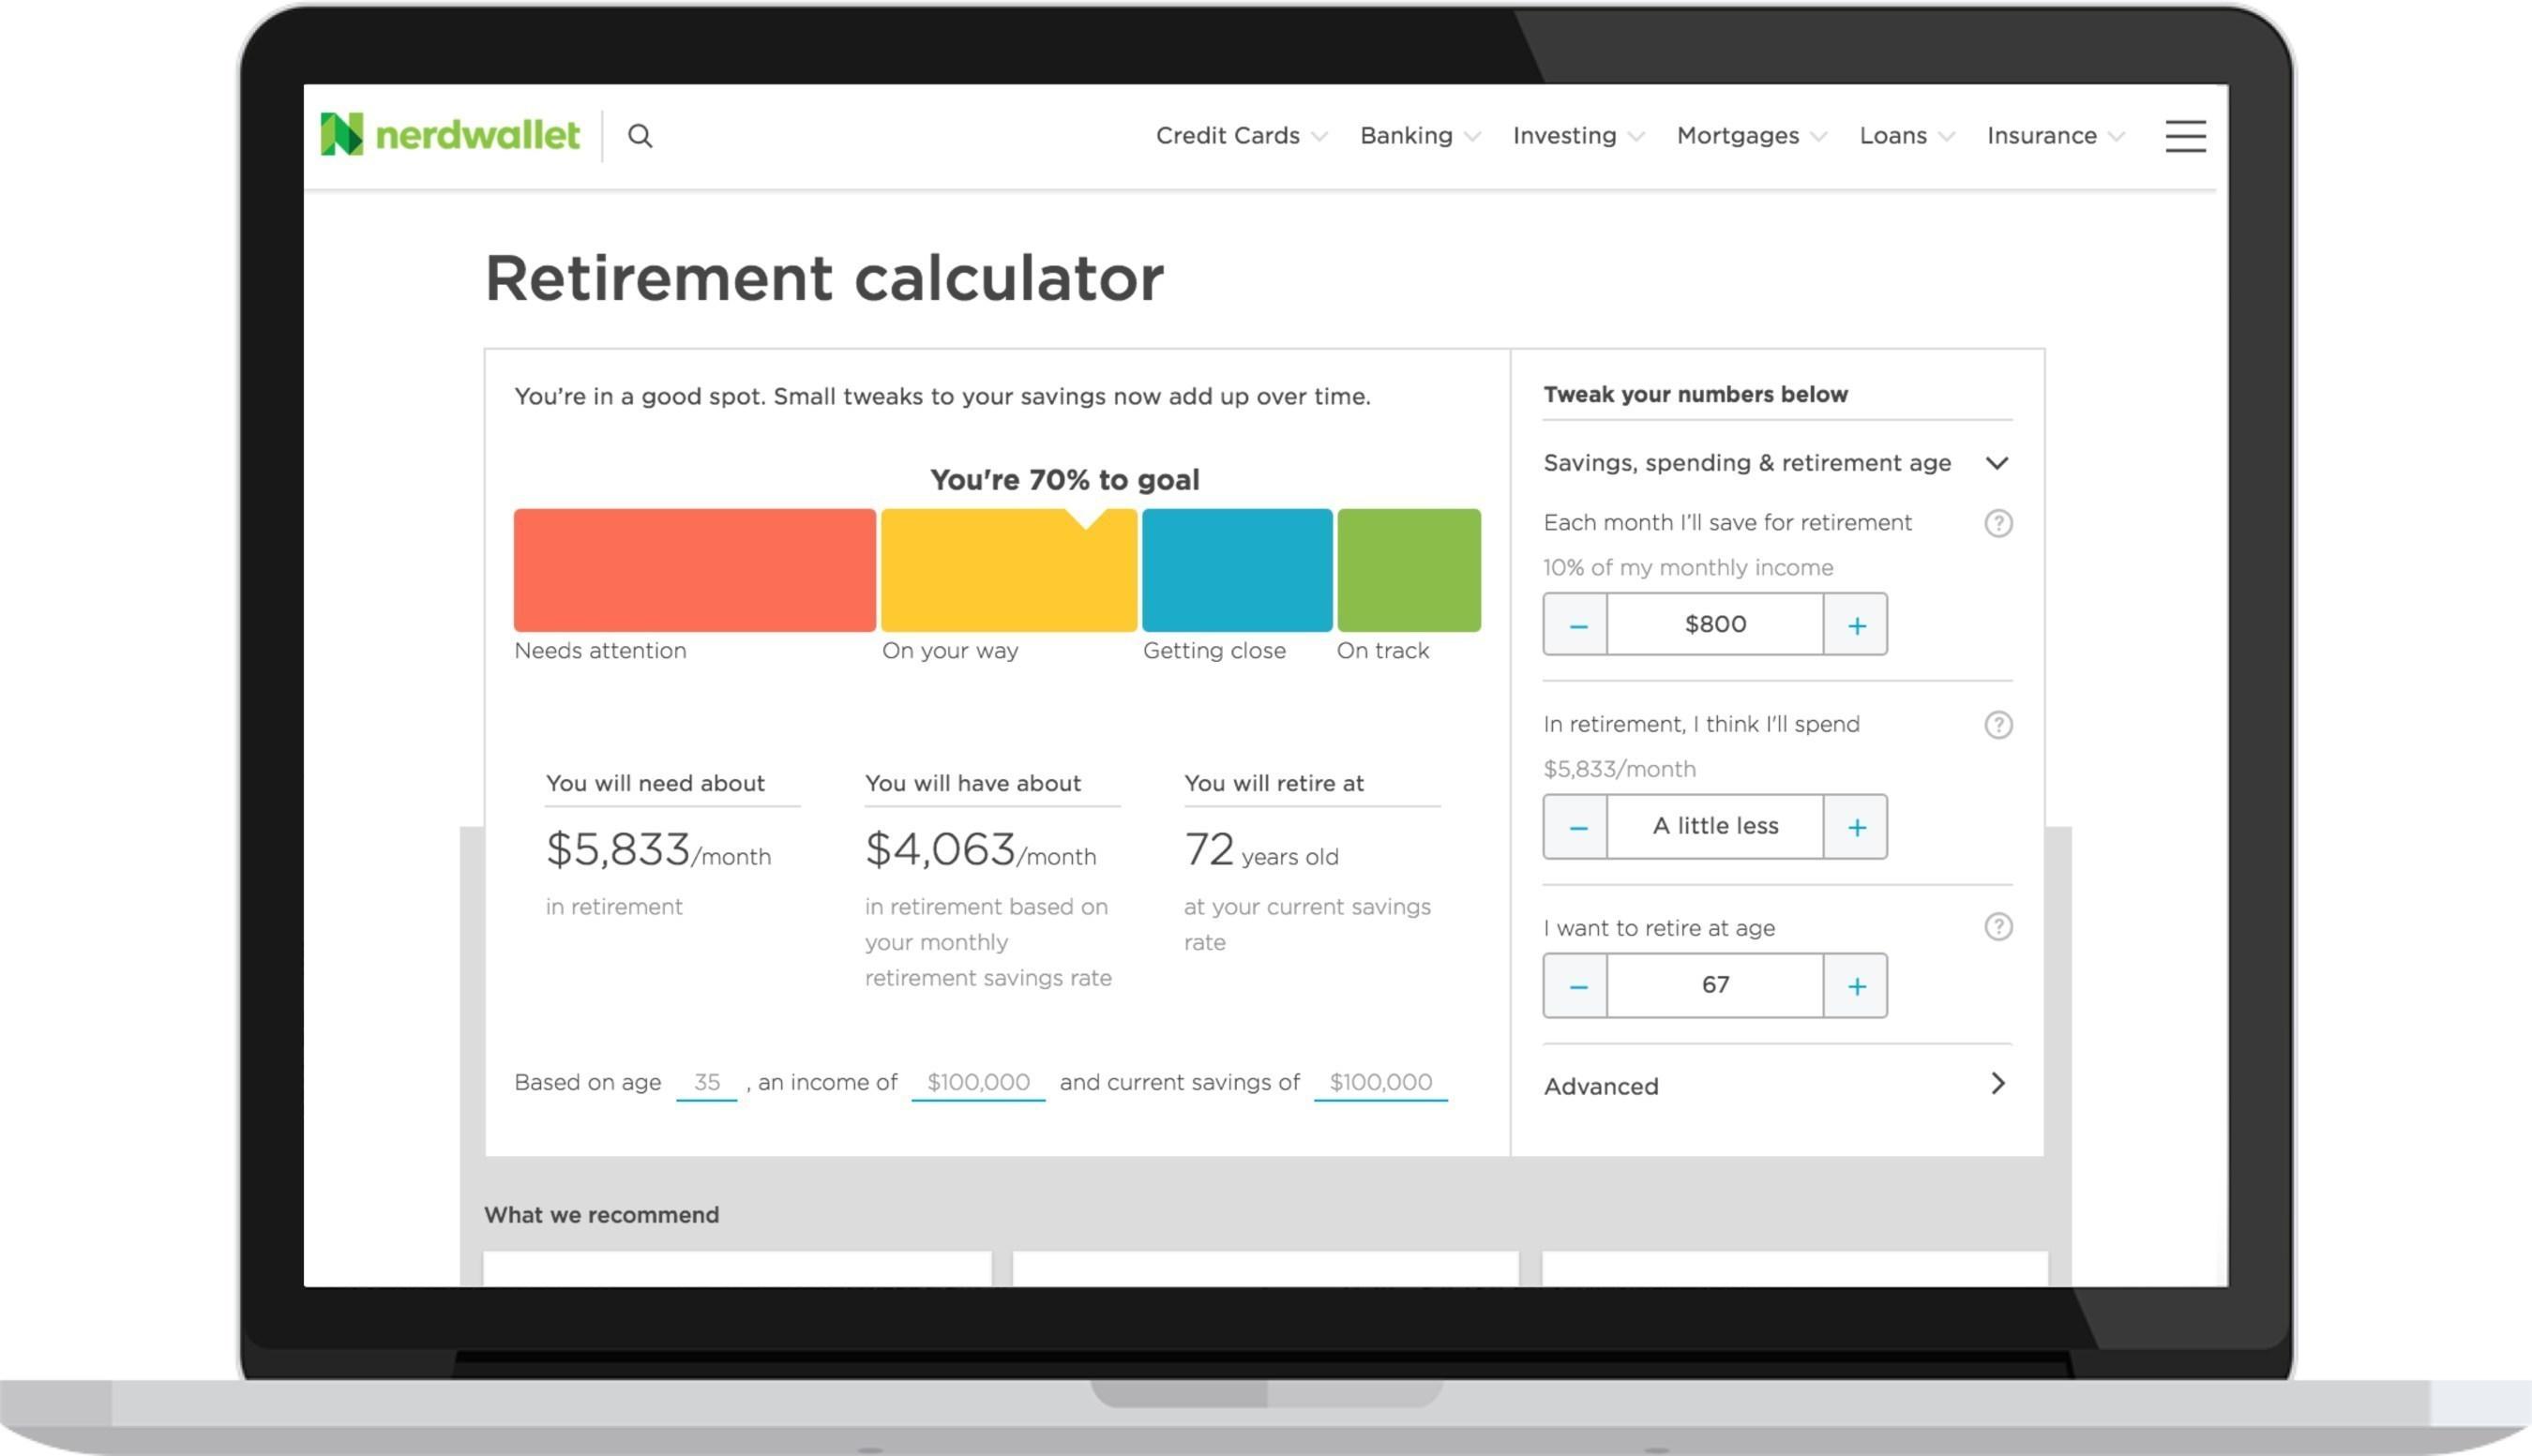 NerdWallet's Retirement Calculator